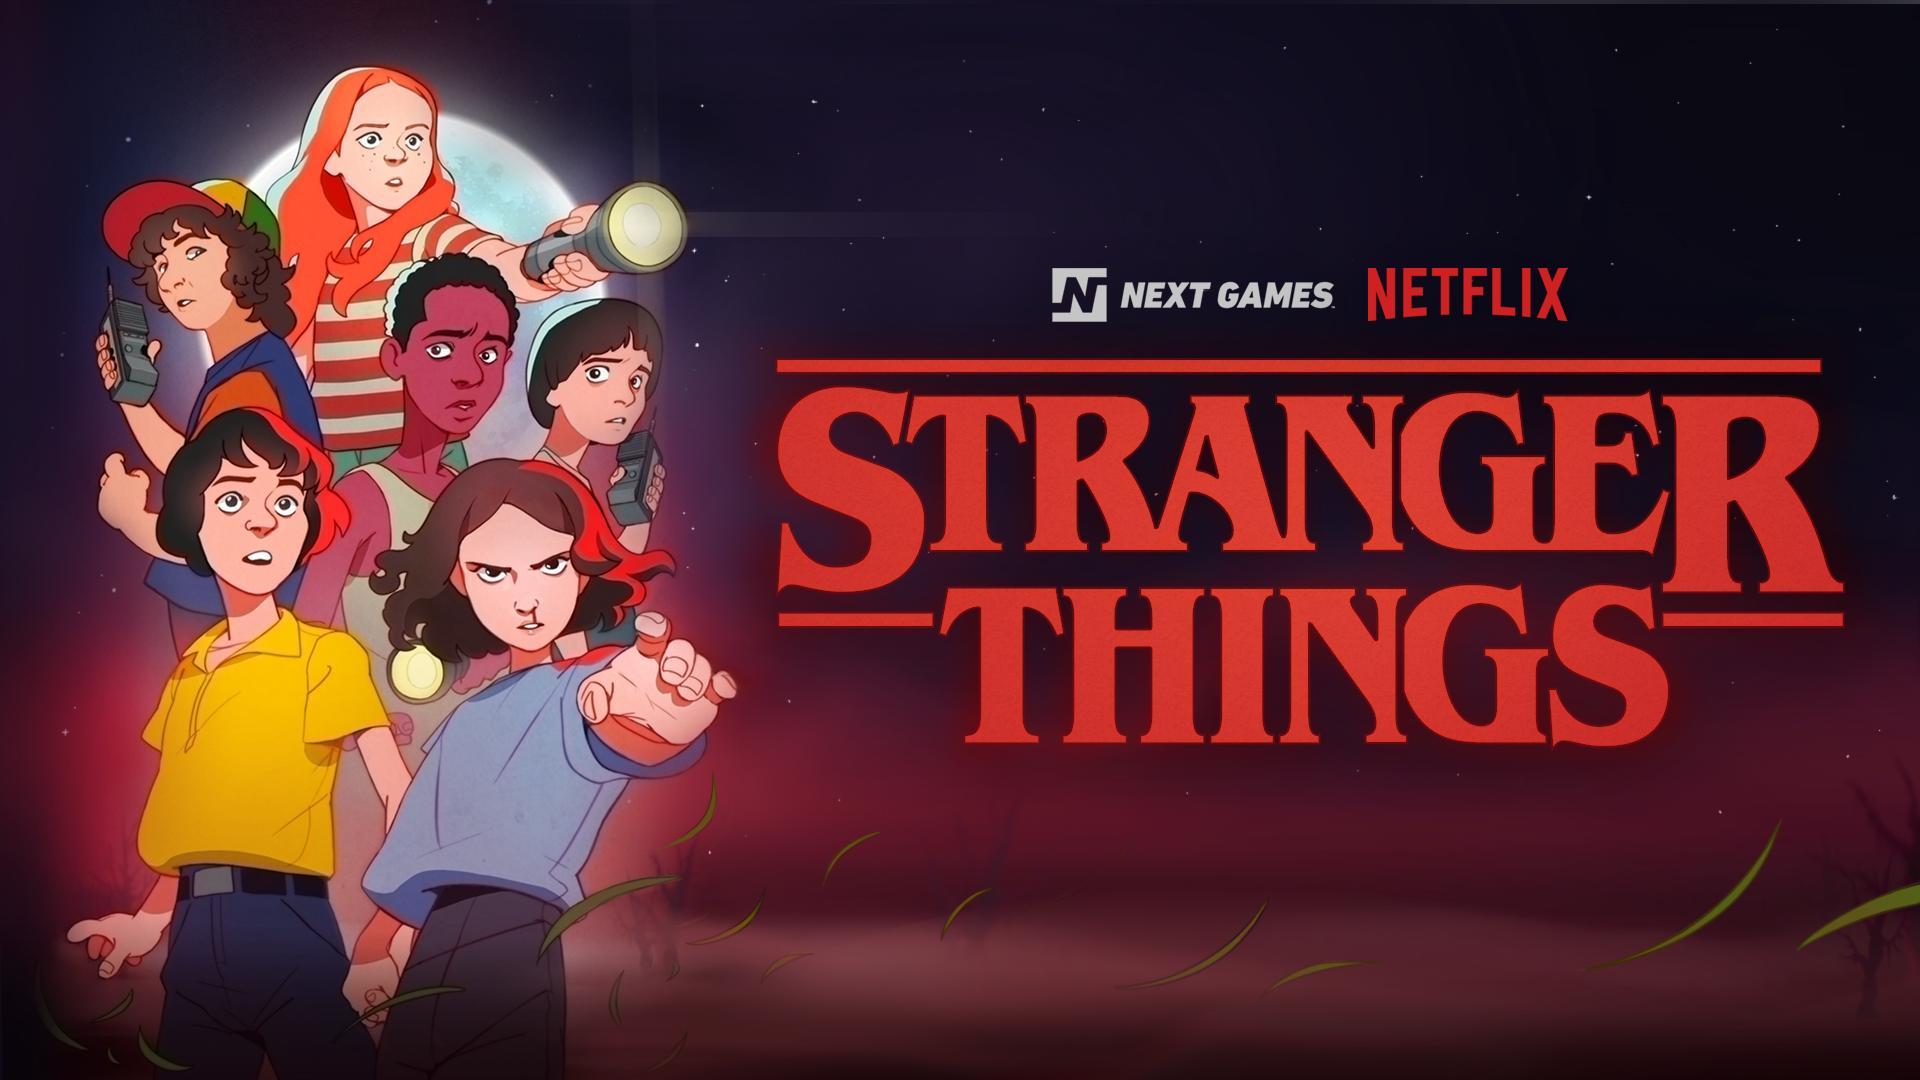 Netflix game stranger things